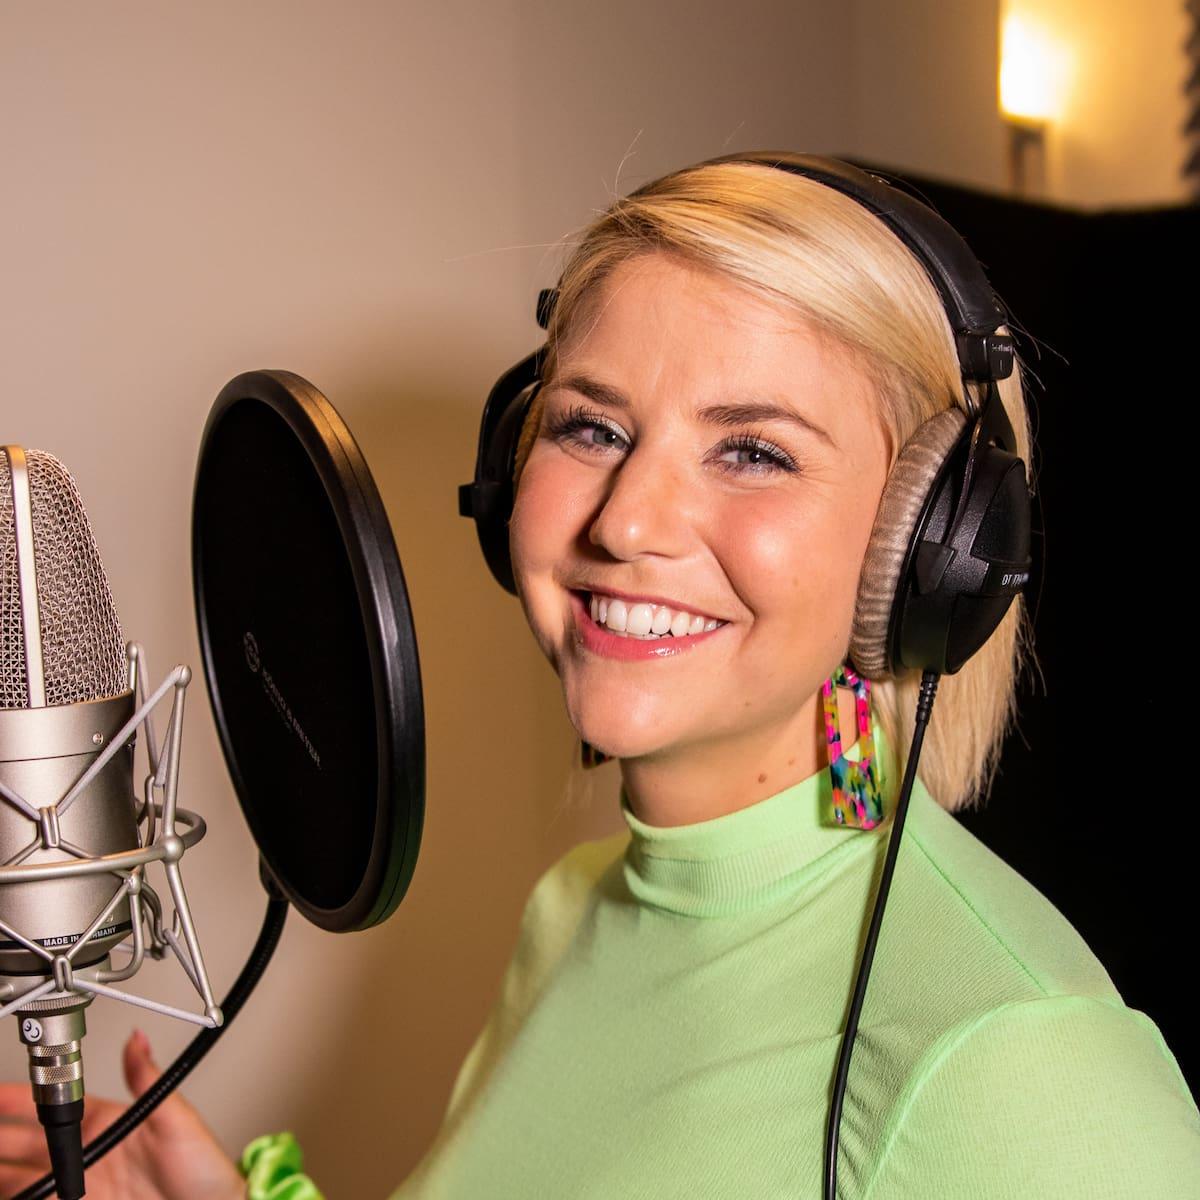 Beatrice Egli Singt Jetzt Auf Schweizerdeutsch Blick